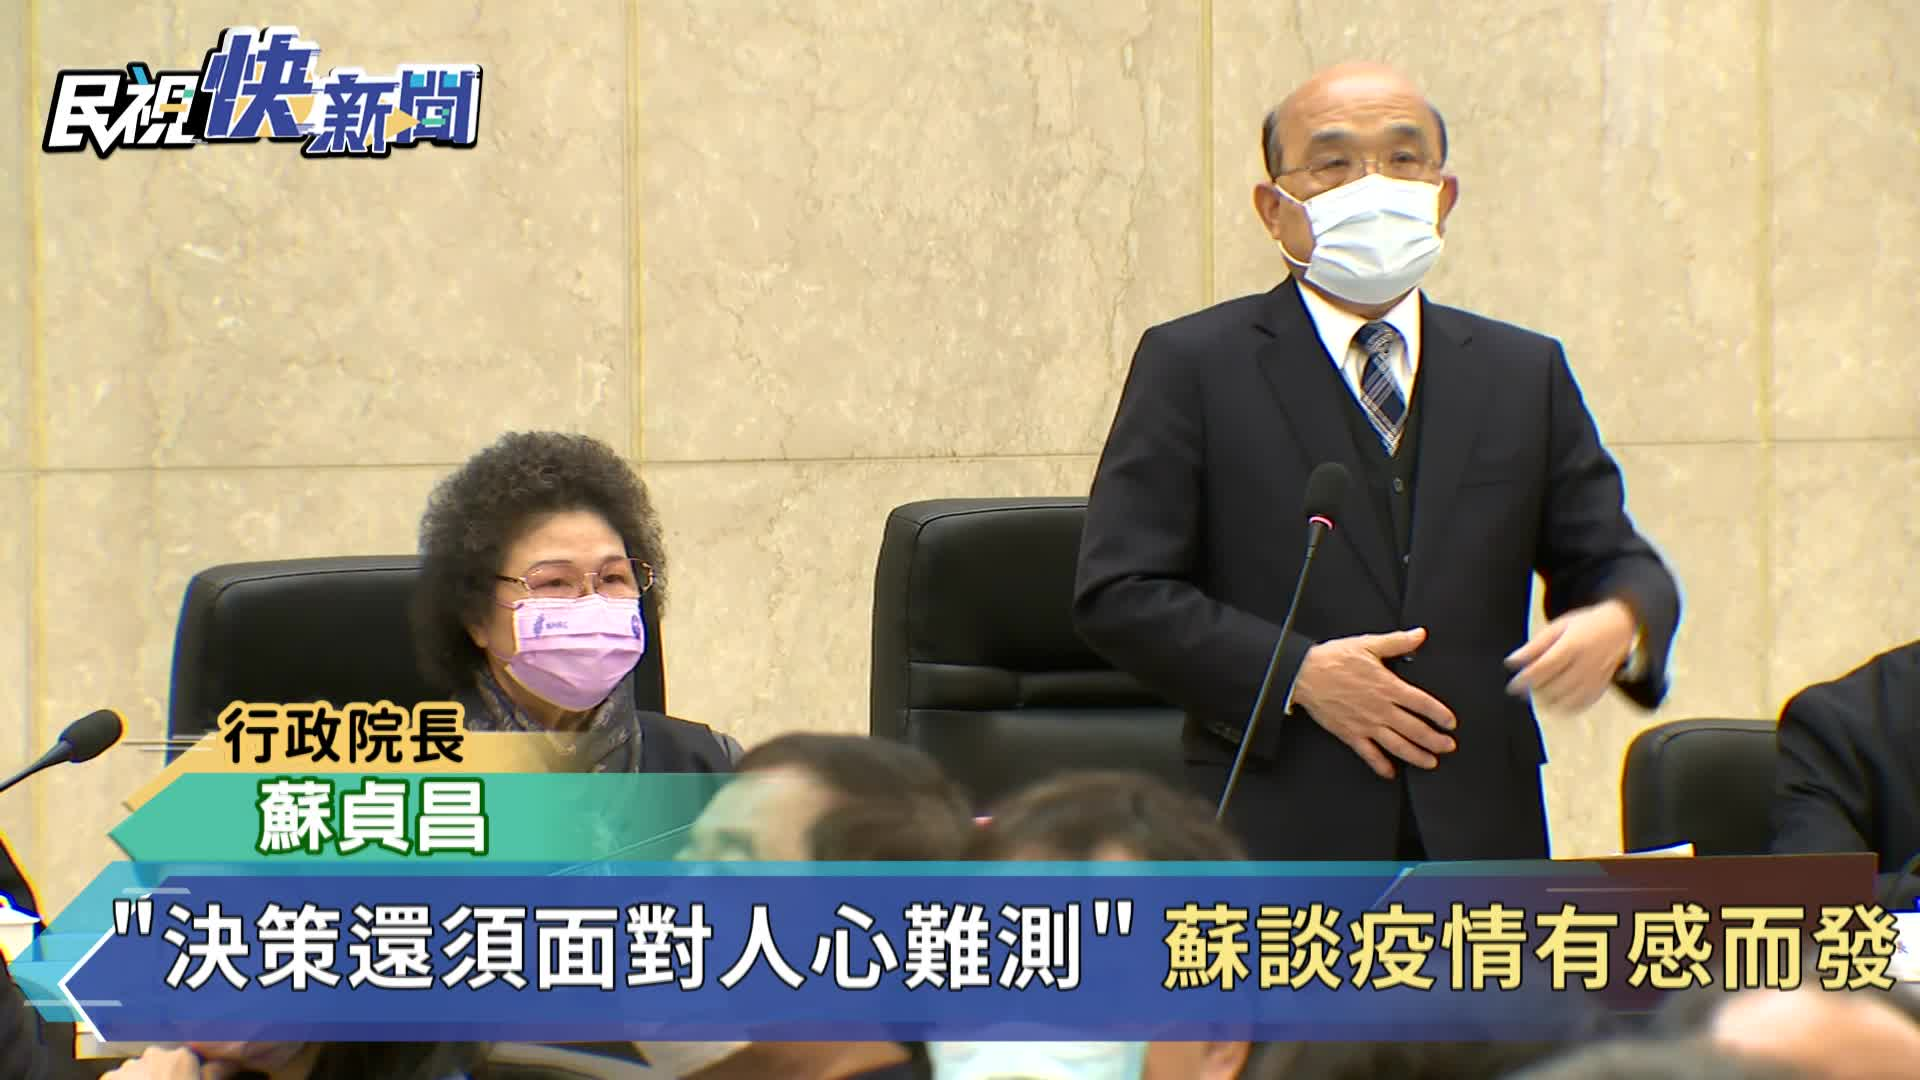 快新聞/再提被罵「狗官」 蘇貞昌感慨:決定政策要面對人心叵測